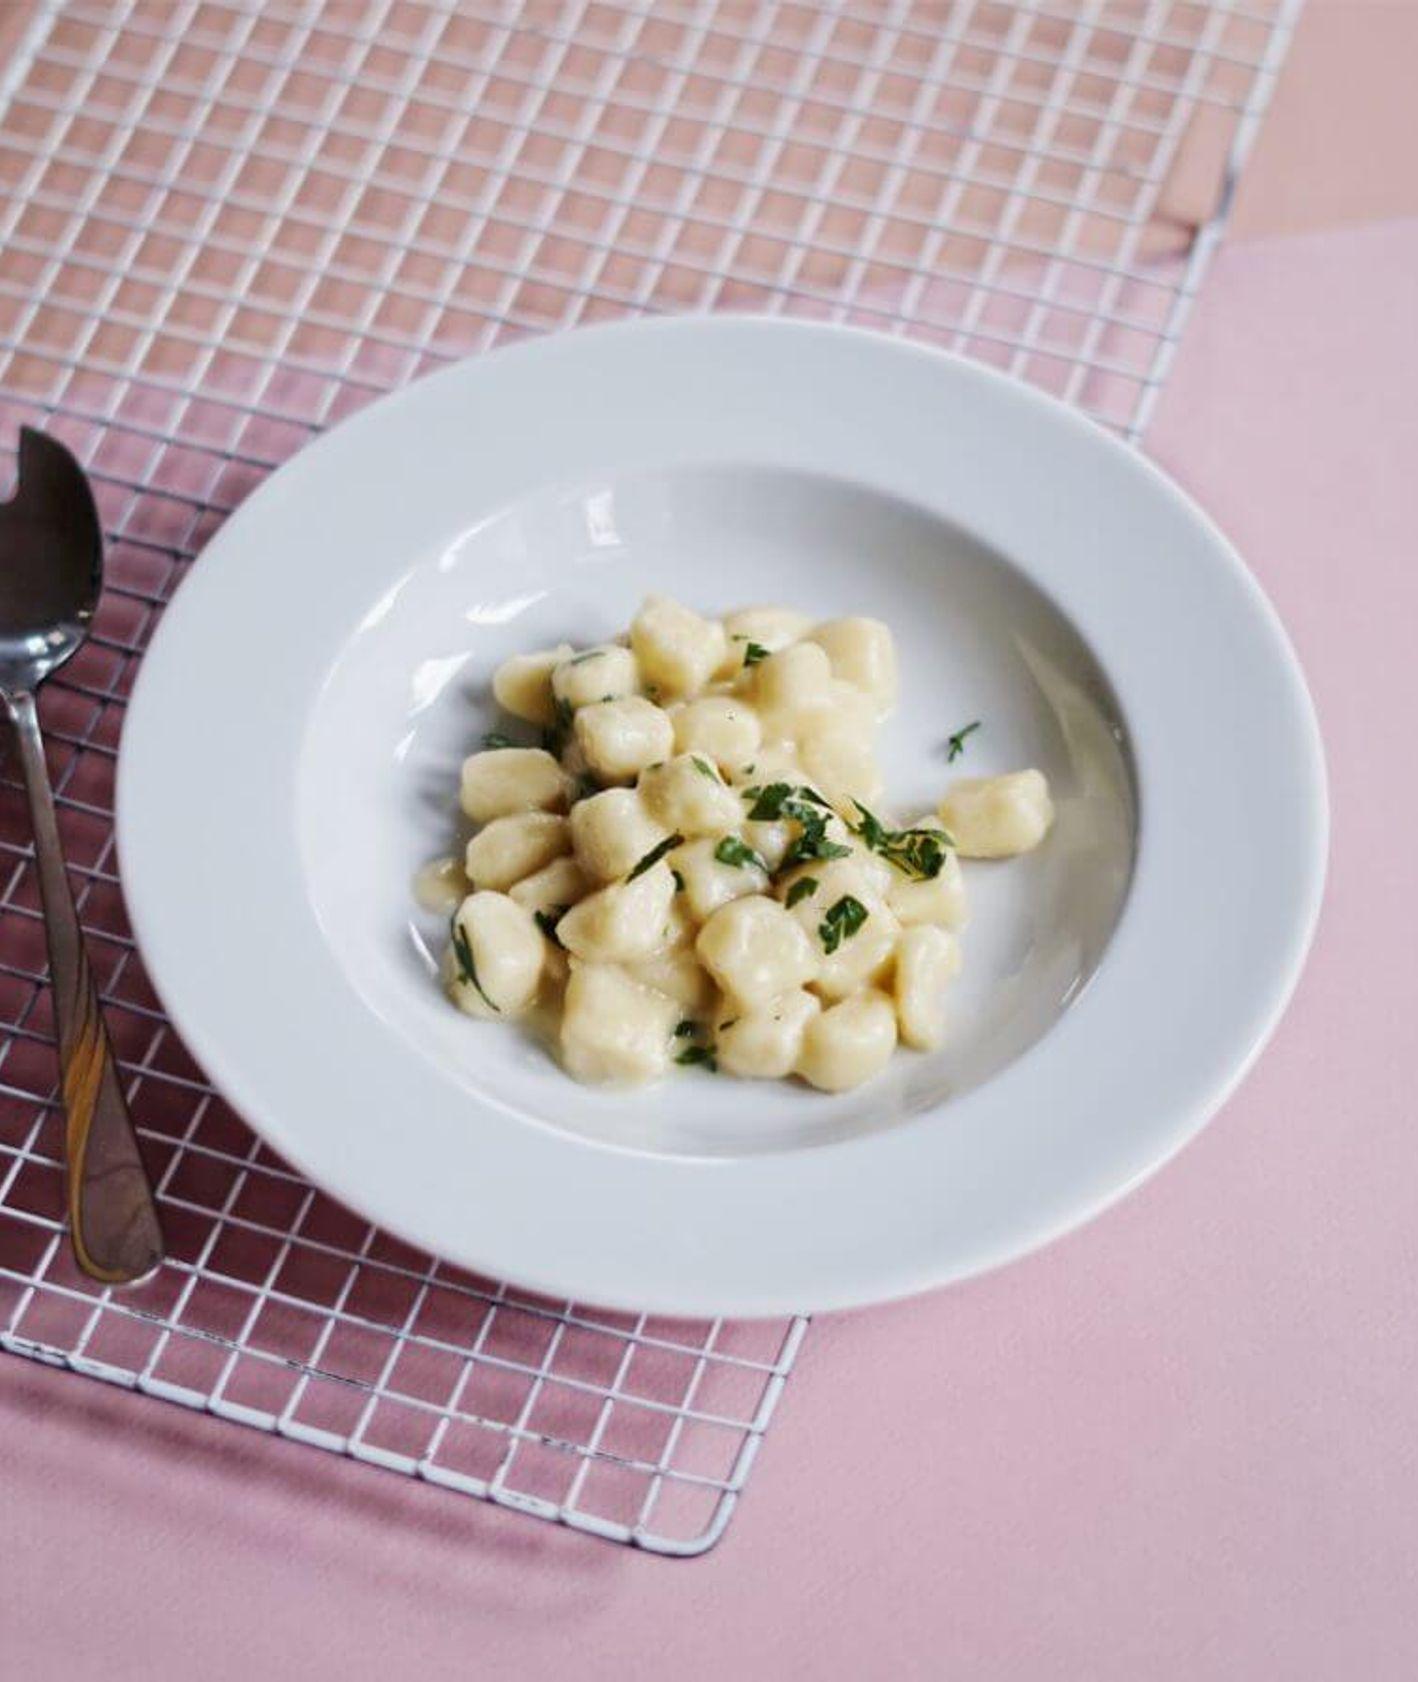 Ziemniaczane gnocchi z sosem serowym, włoskie gnocchi, kopytka z serem, kluski ziemniacane, sos serowy, z czym podać kopytka, kluski z masłem, domowe gnocchi